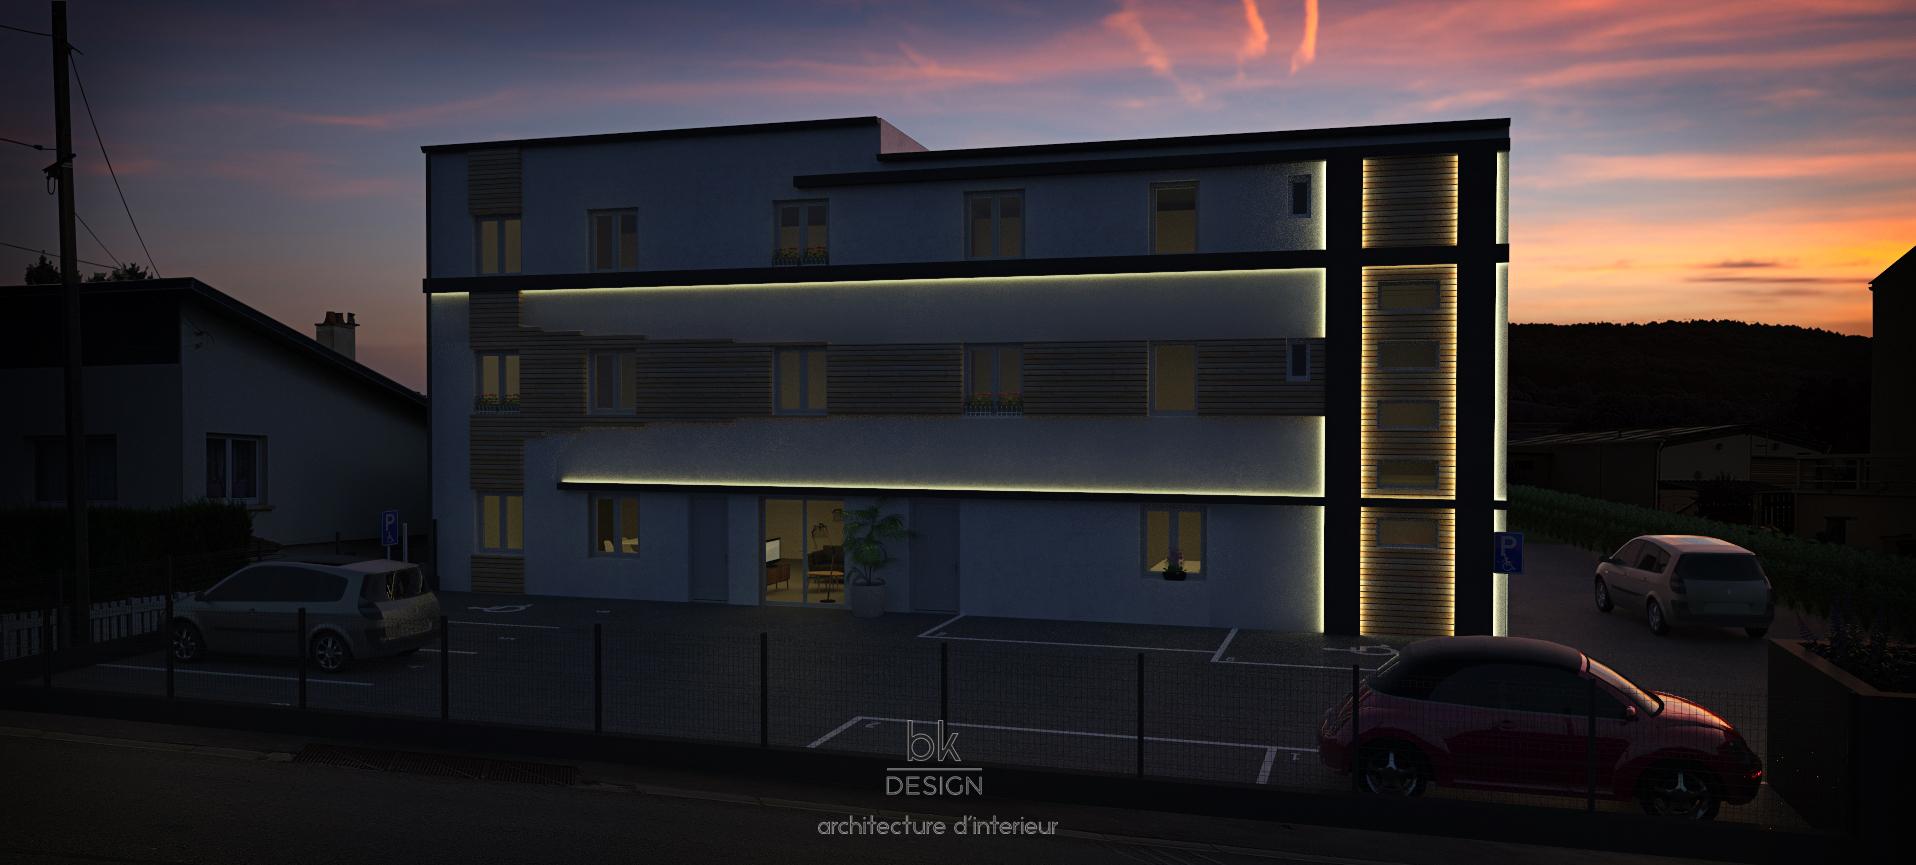 Façade Du0026#039;immeuble à Marange Silvange De Nuit En Lorraine